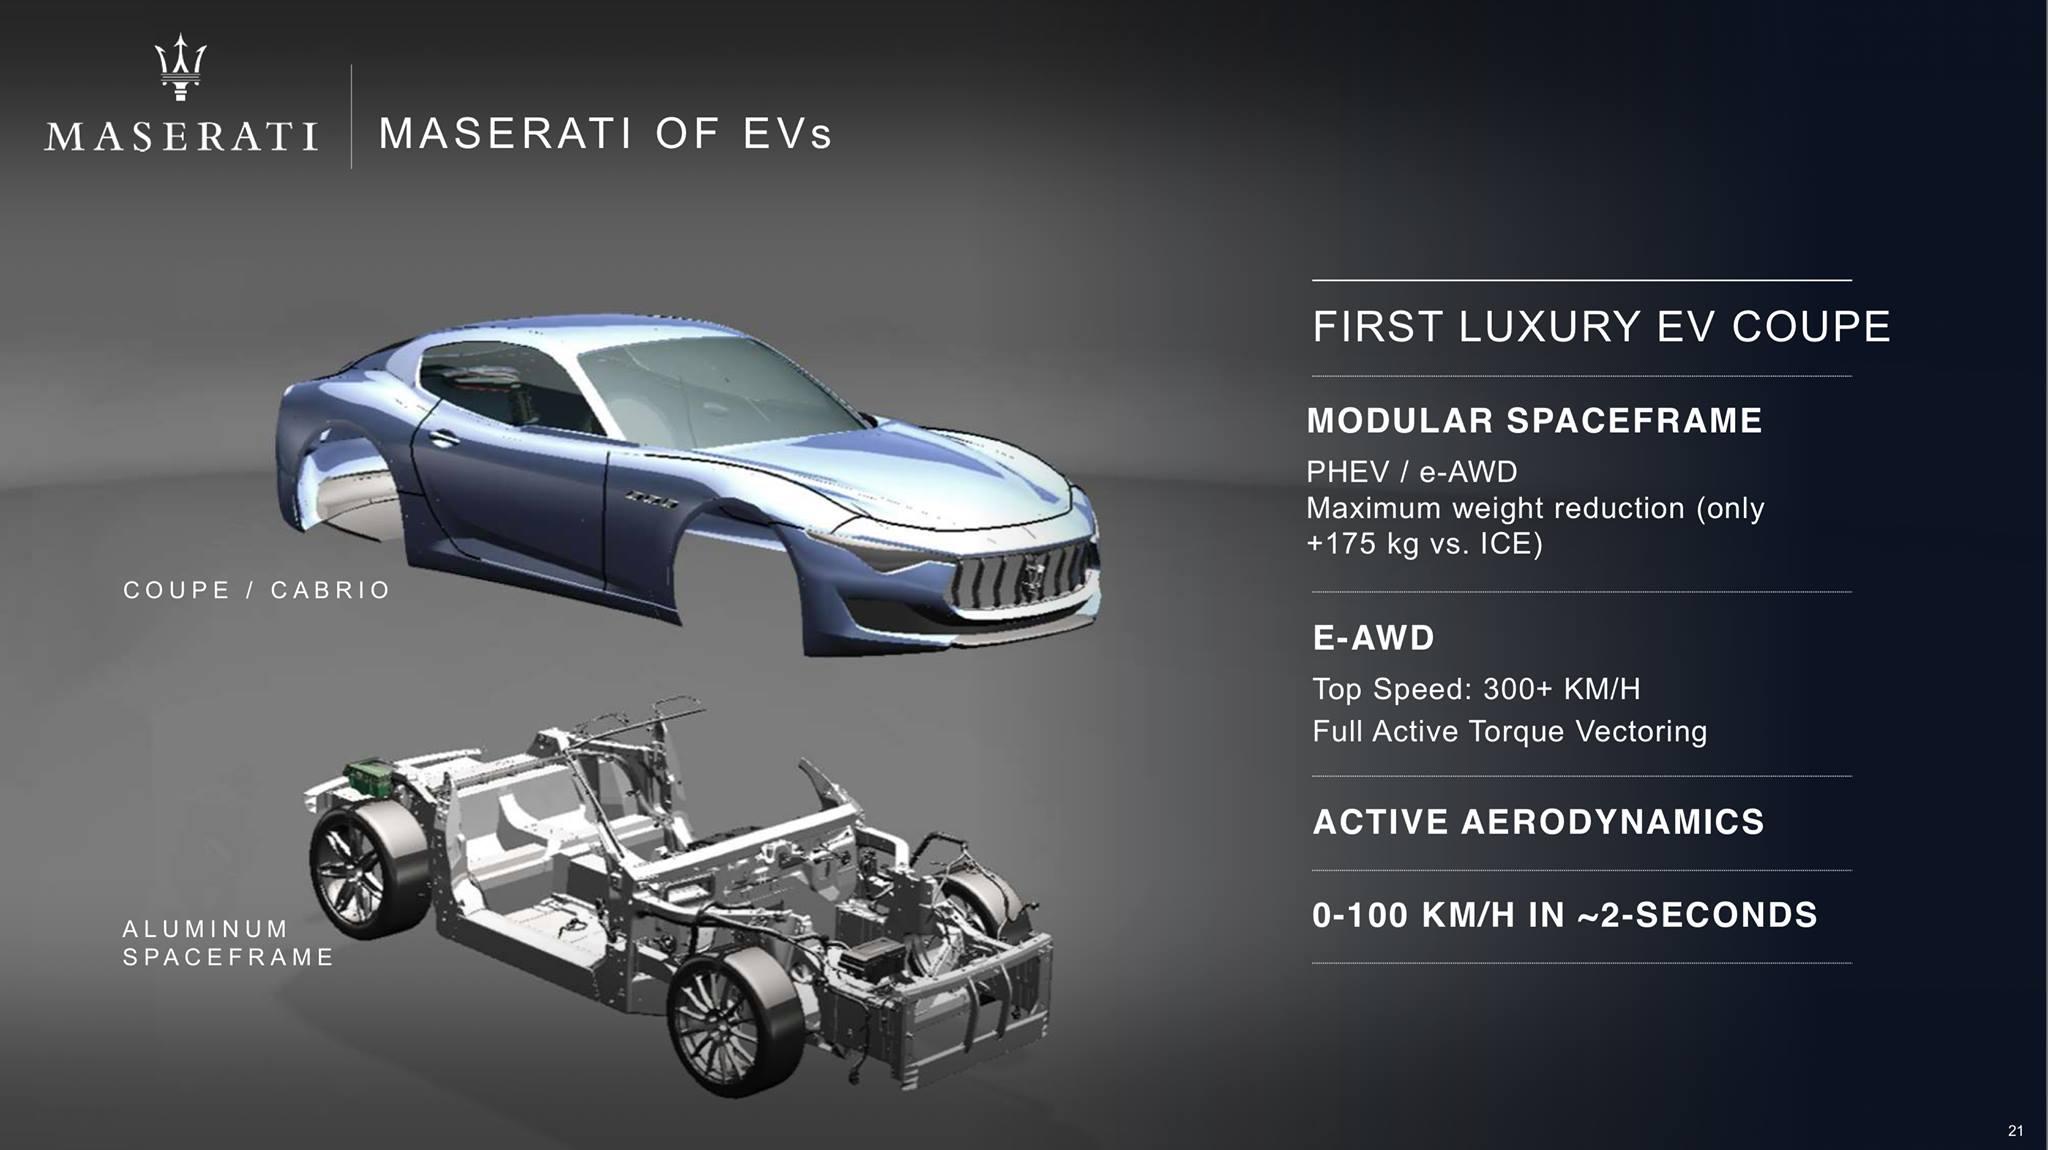 Maserati 2018-2022 plan (21)